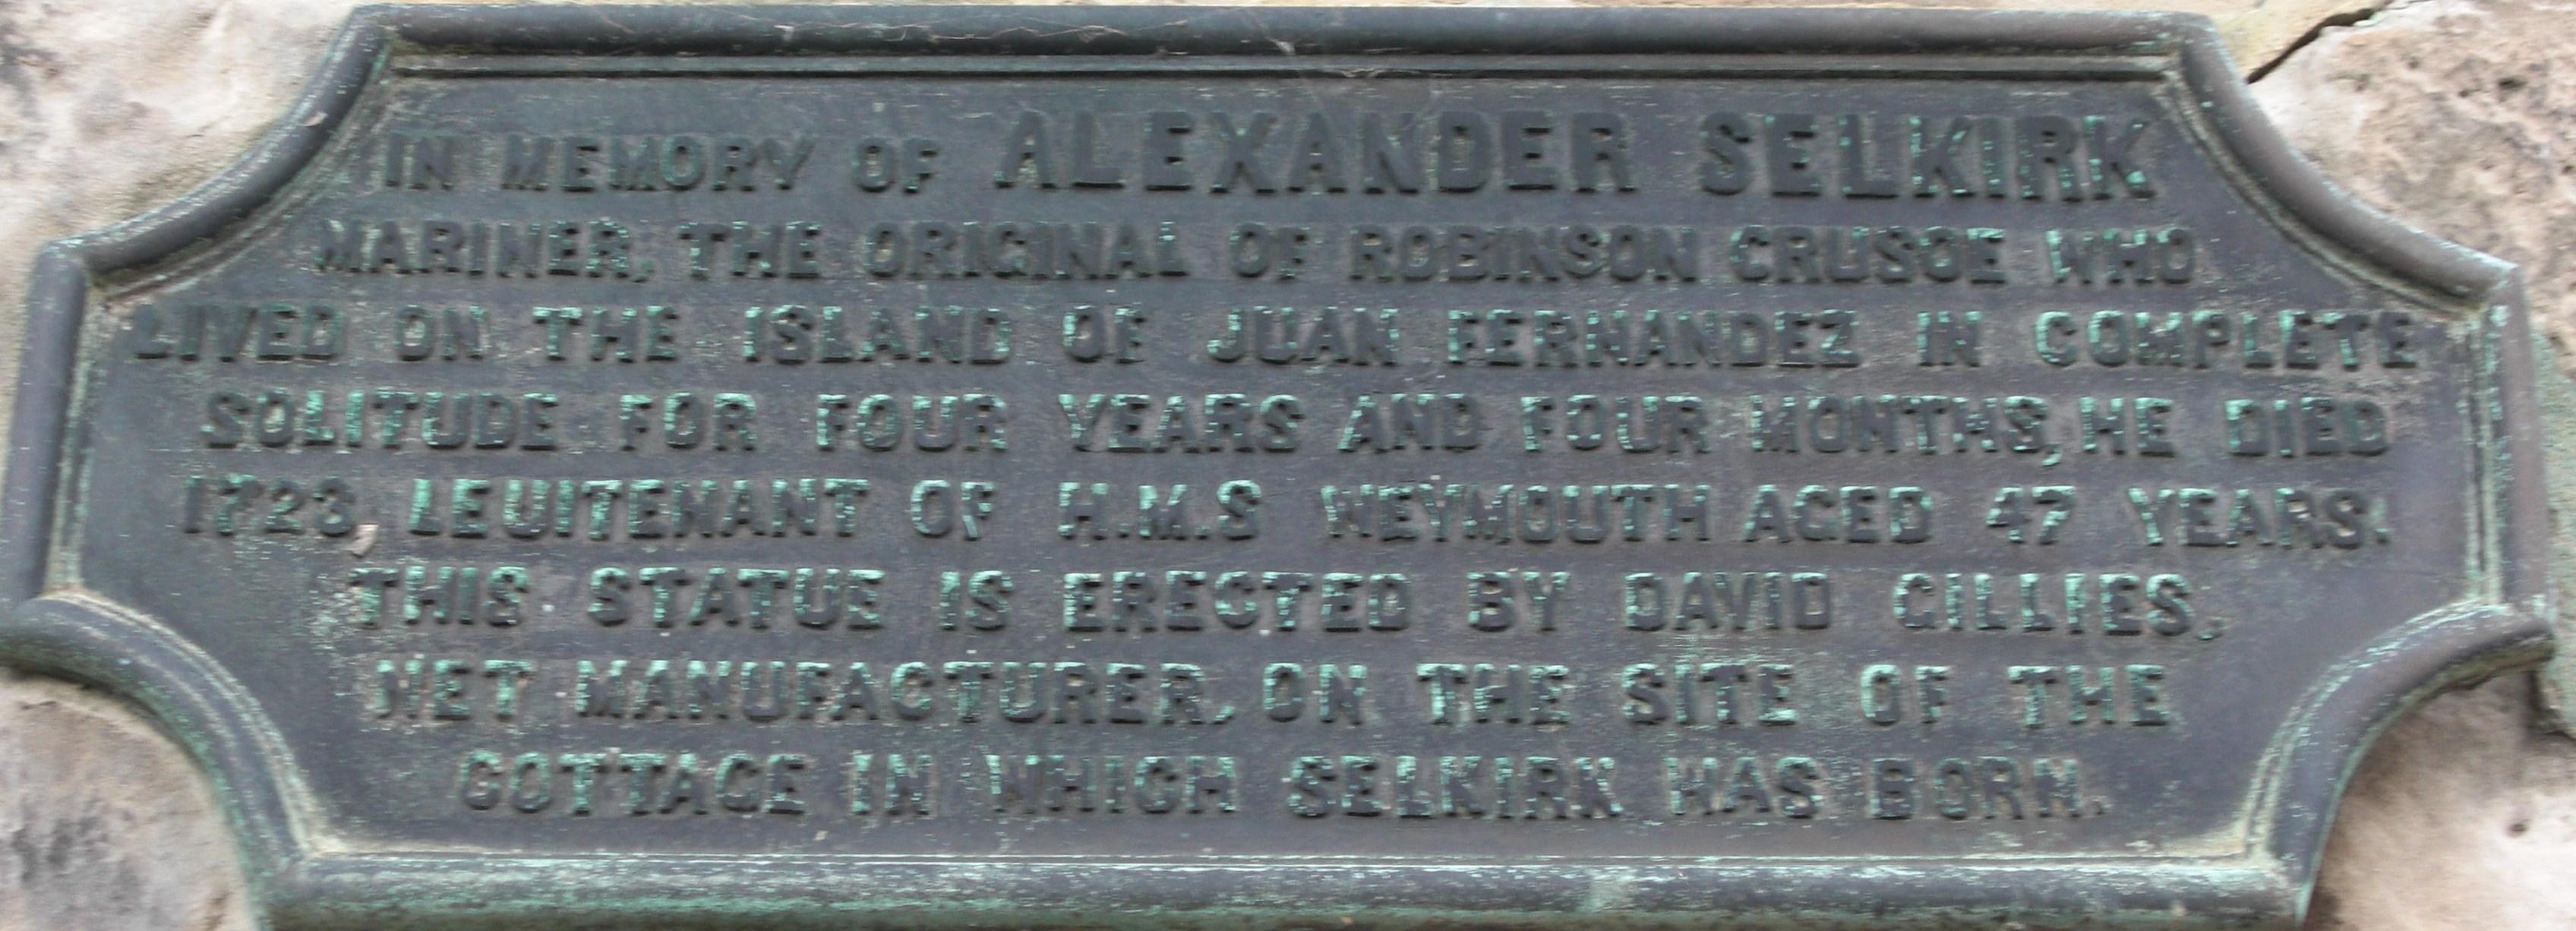 Alexander Selkirk: brief biography